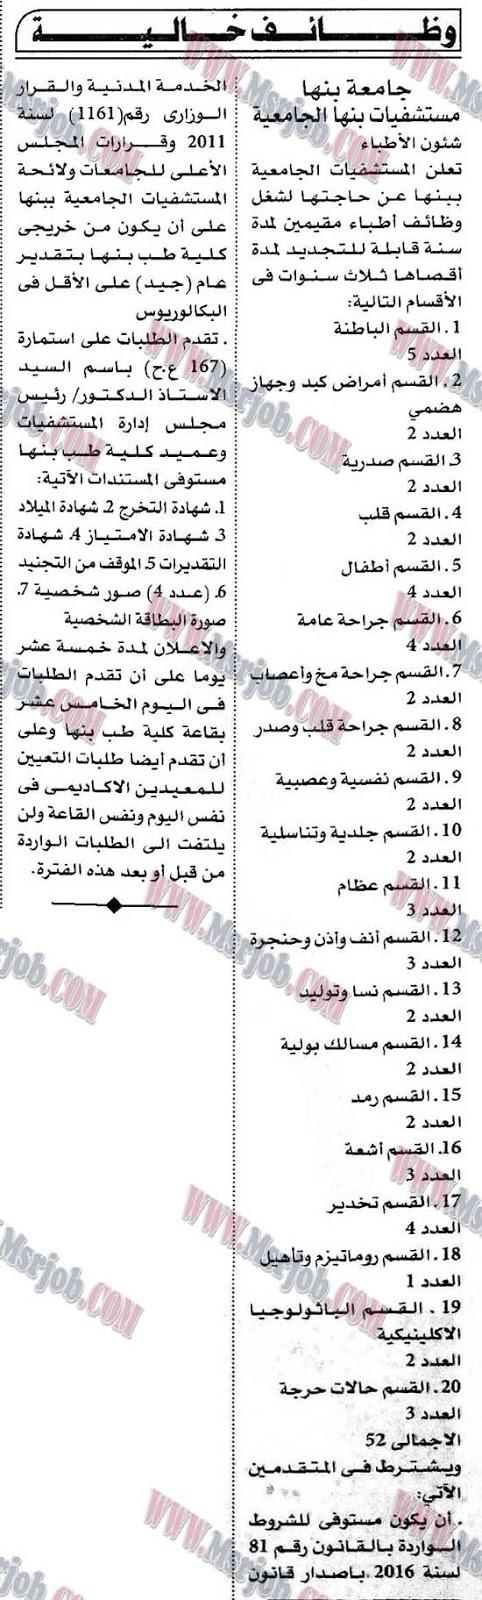 اعلان وظائف مستشفيات جامعة بنها لخريجي الجامعات 30 / 4 / 2017